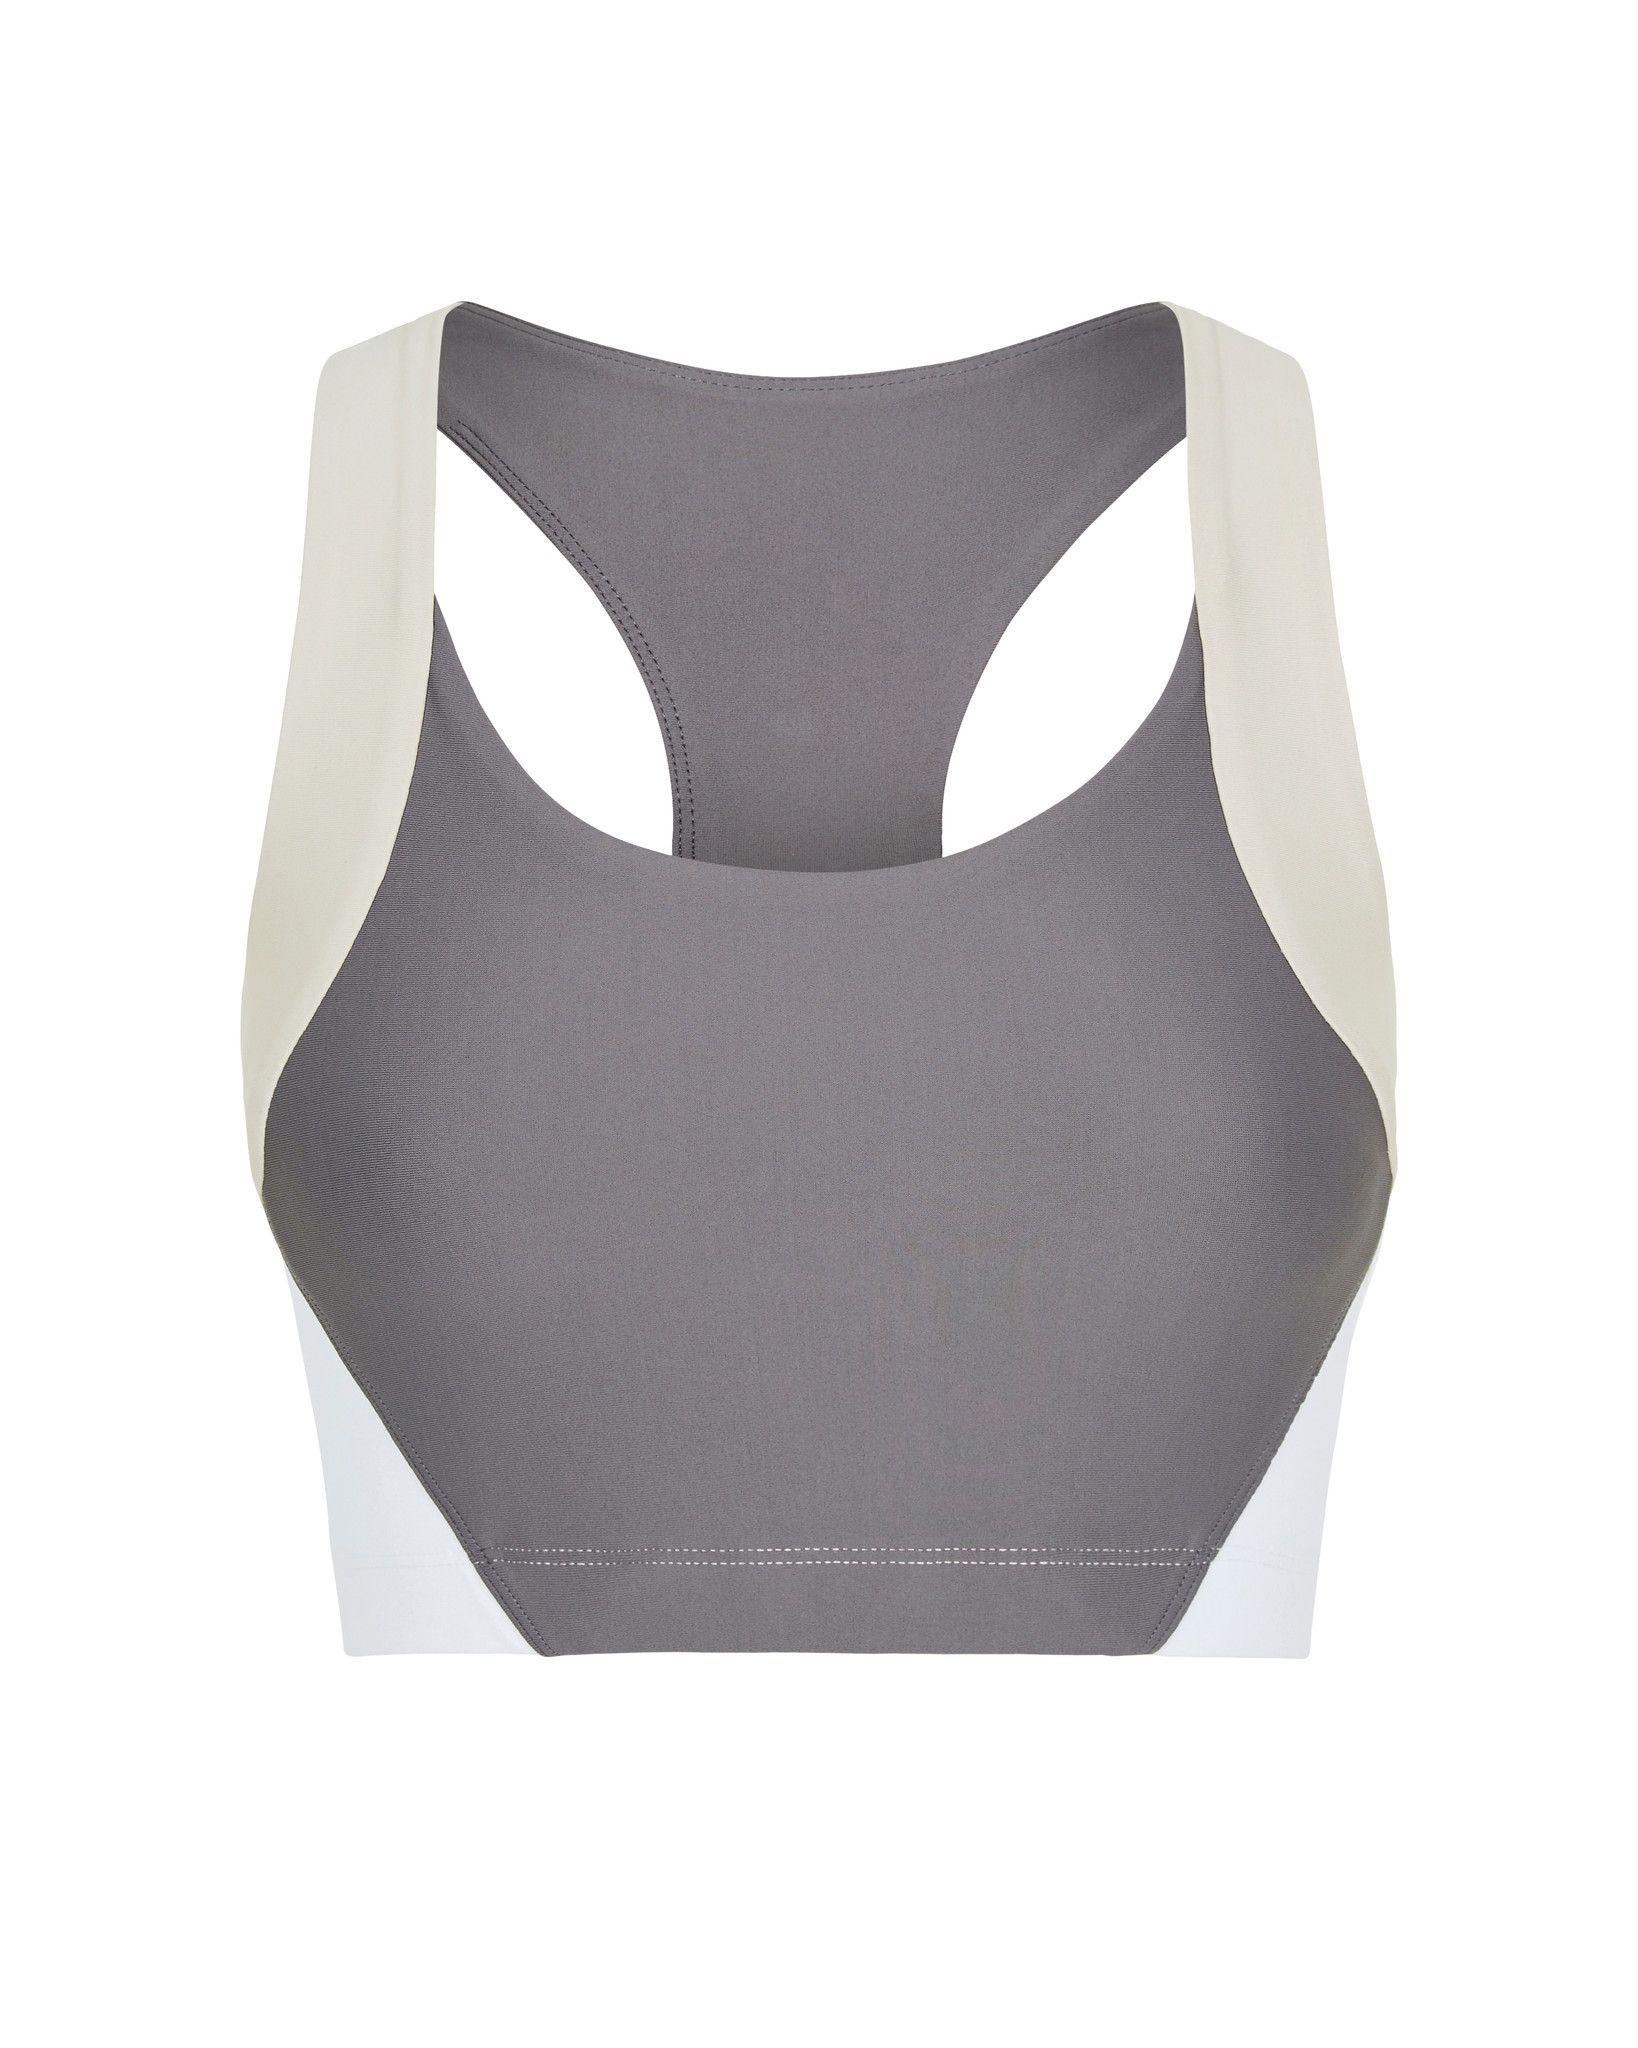 Sportswear for women White sports bra, Sports bra